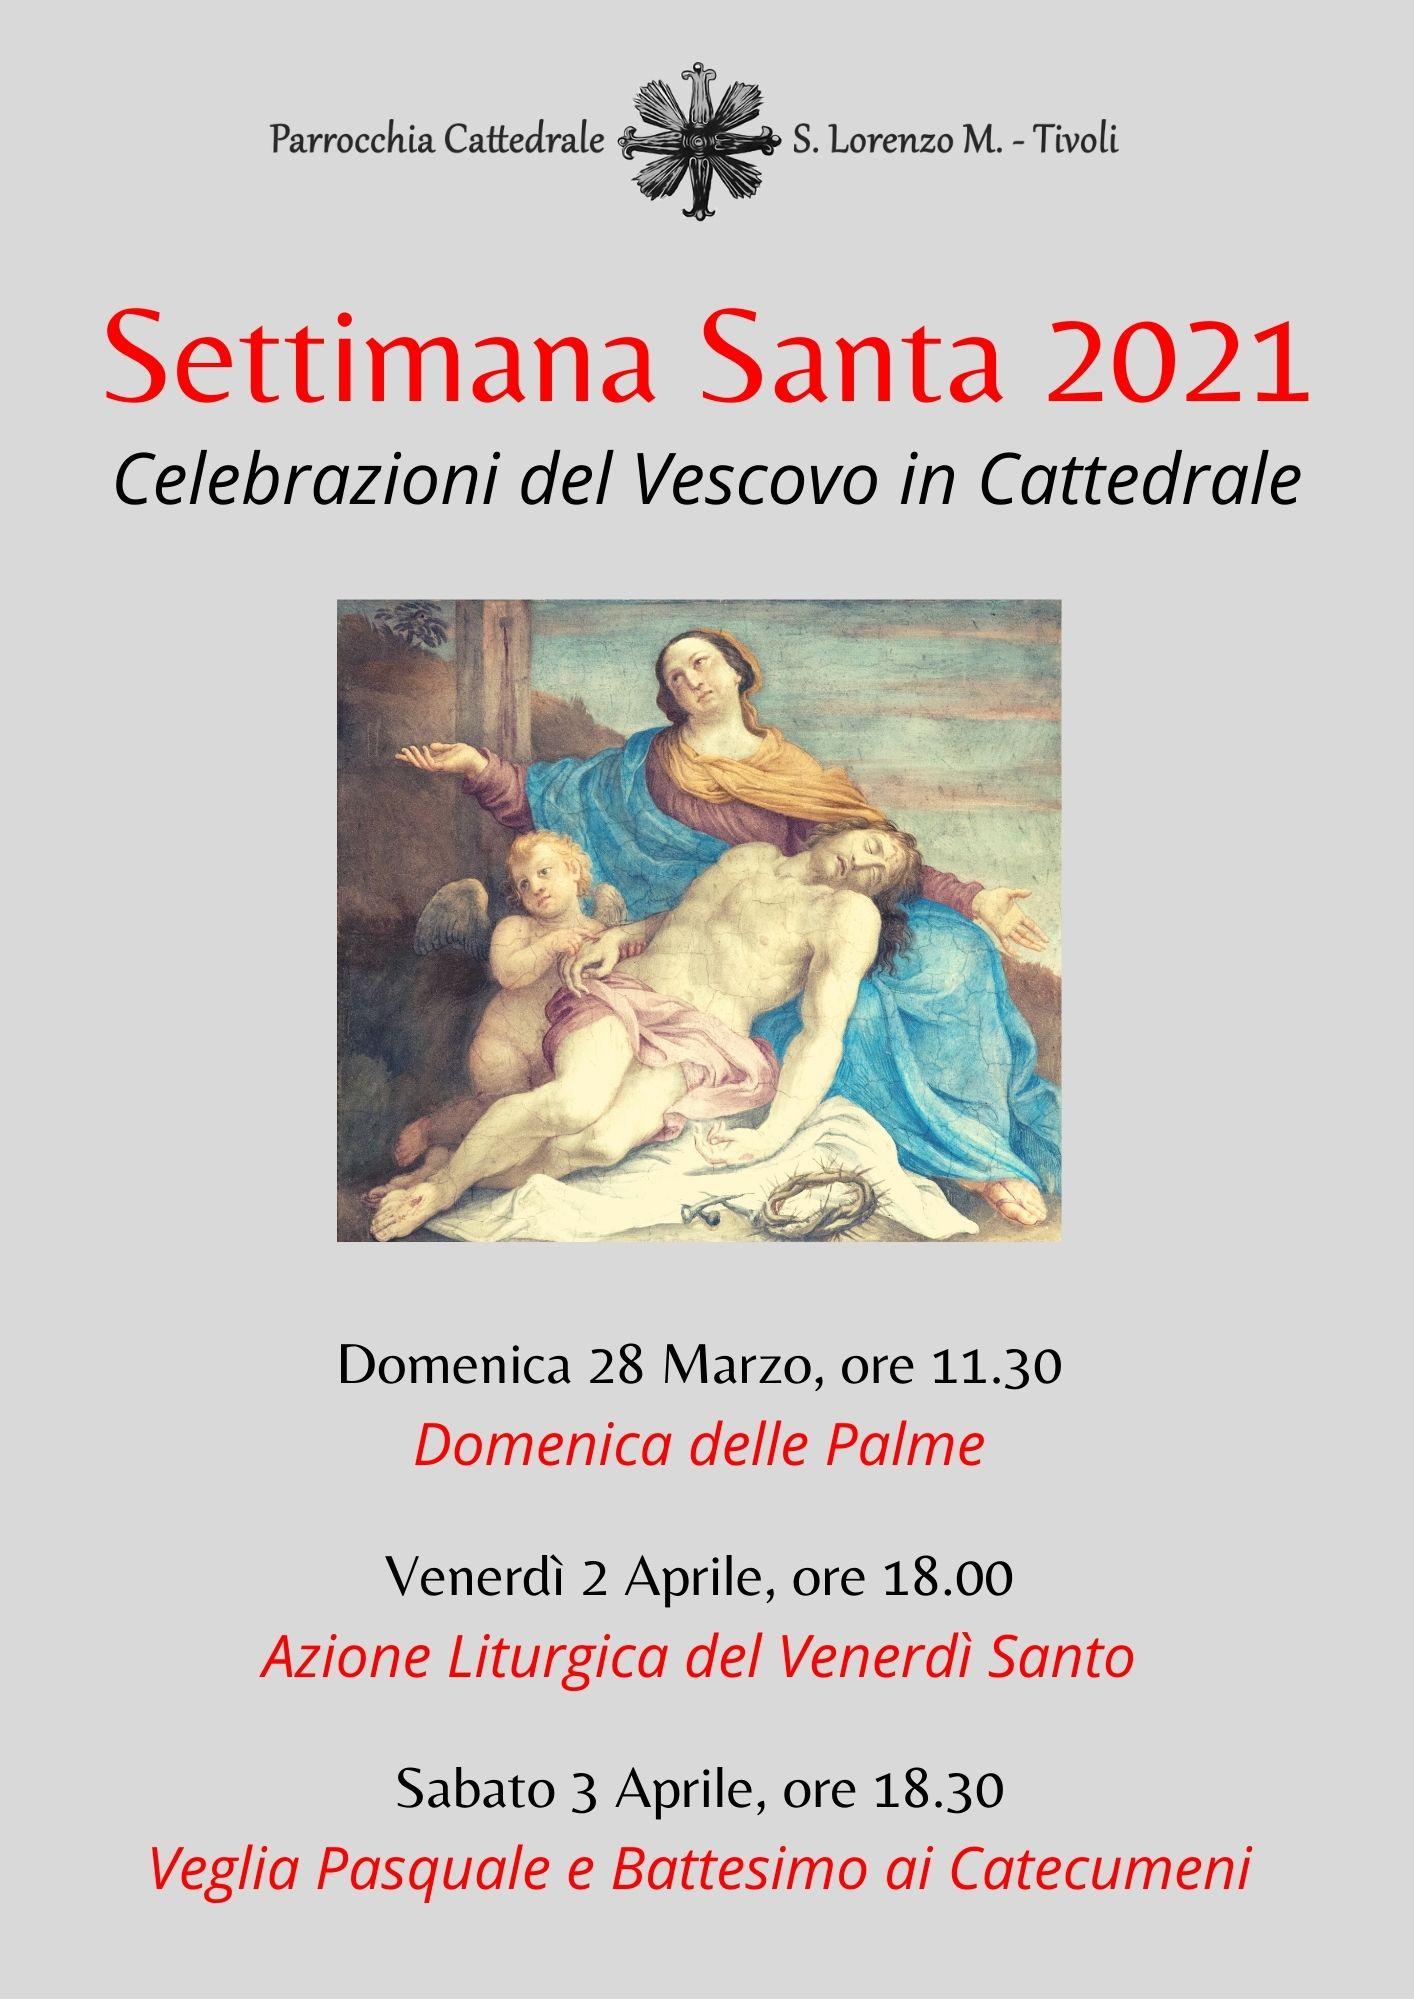 Settimana Santa 2021